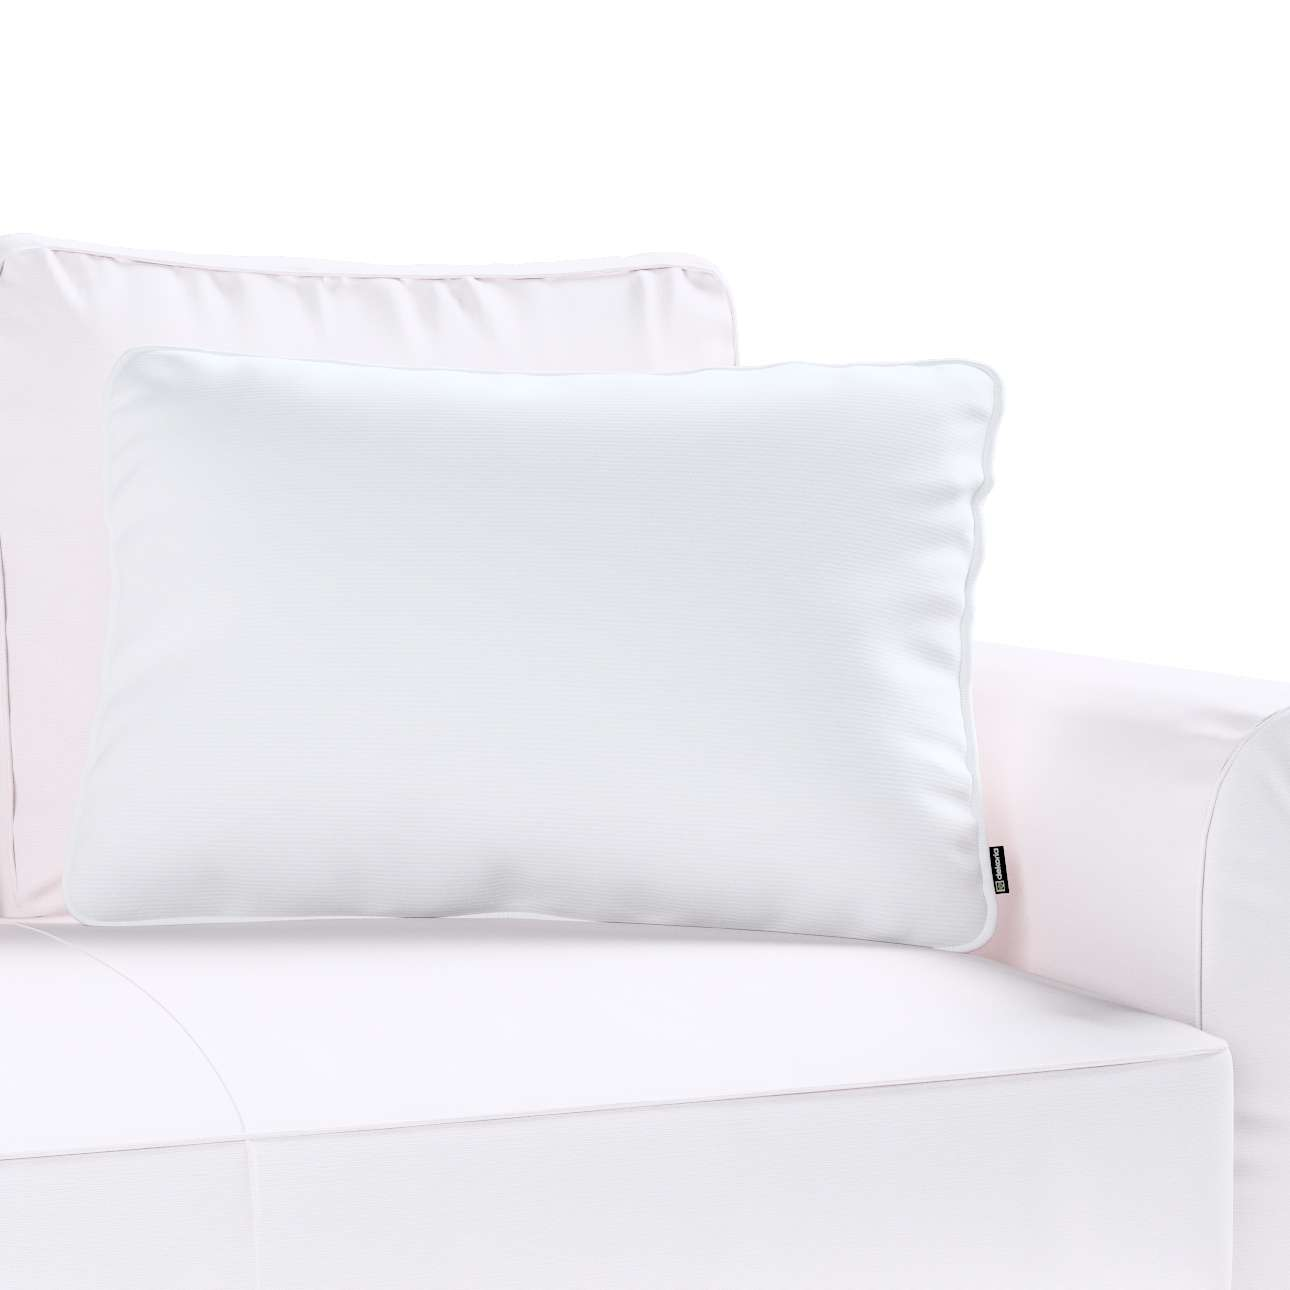 Poszewka Gabi na poduszkę prostokątna 60x40cm w kolekcji Jupiter, tkanina: 127-01